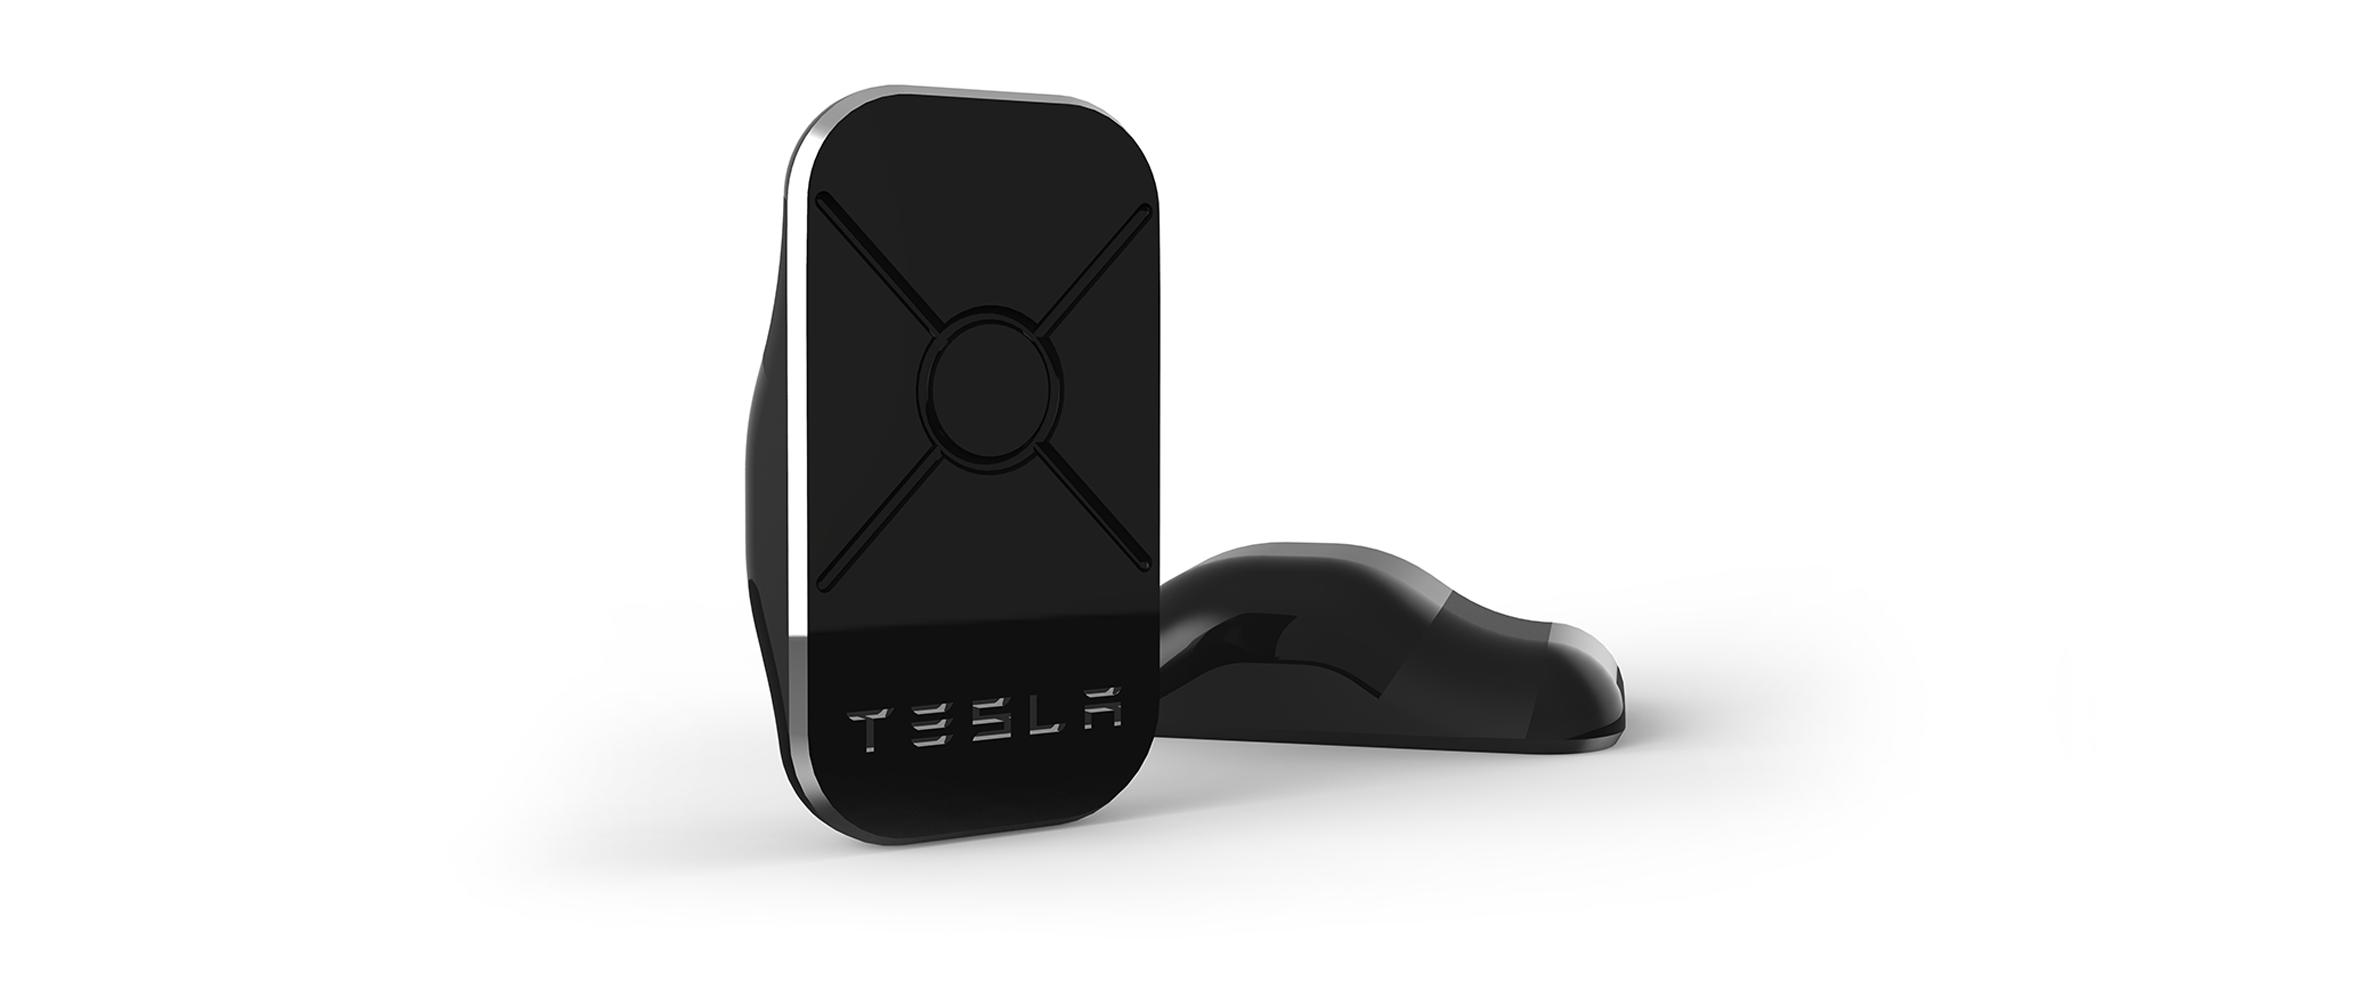 Render of the Tesla Keyfob Design